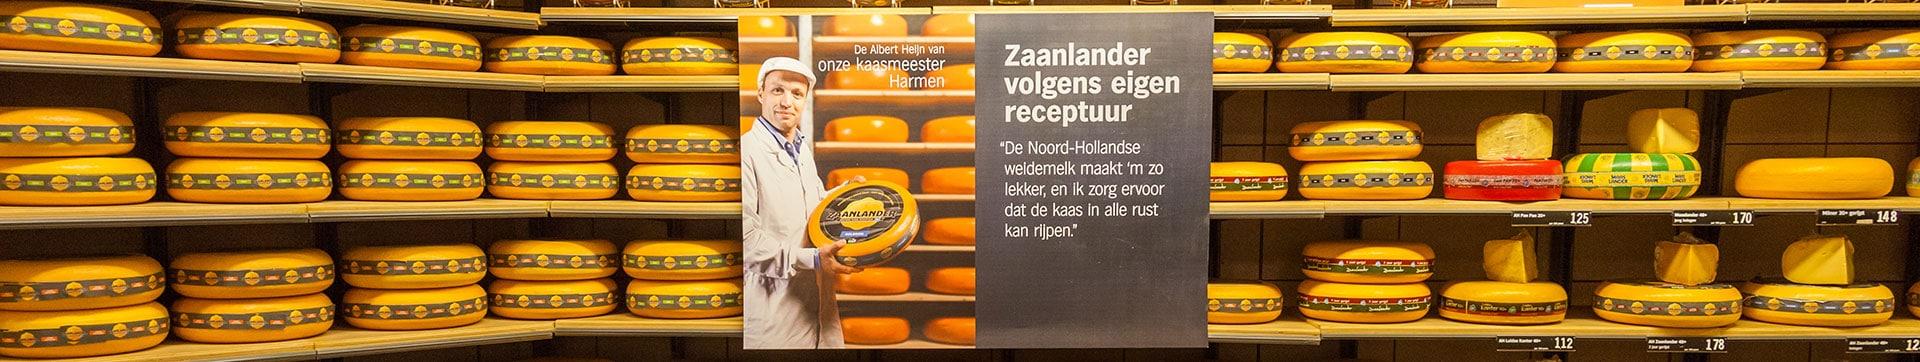 Winkelcentrum Prinsenland Rotterdam